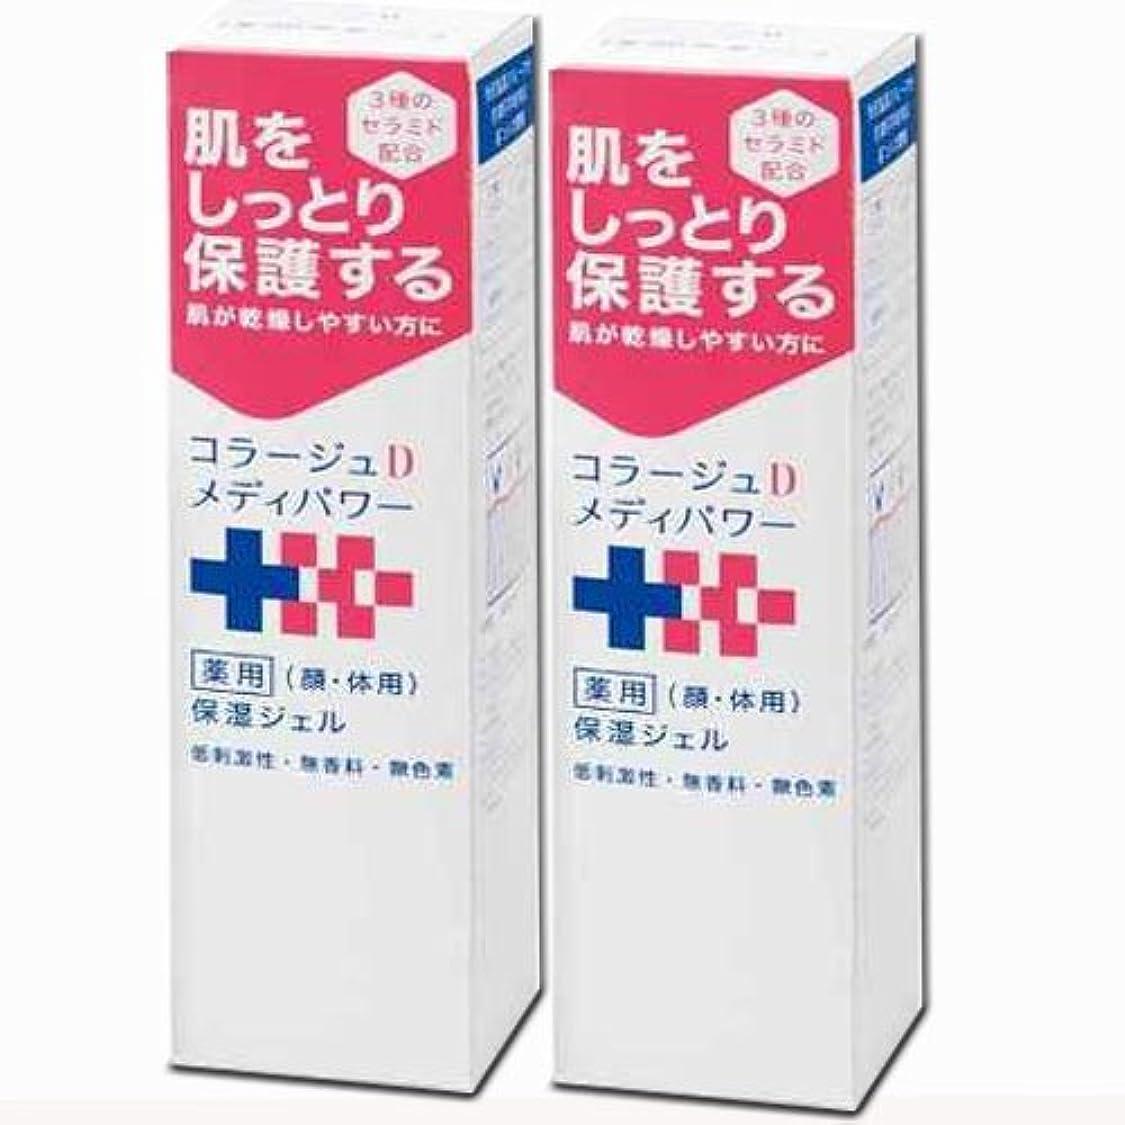 属性不定掃く【2個】持田製薬コラージュDメディパワー保湿ジェル 150ml×2個 (4987767650012-2)